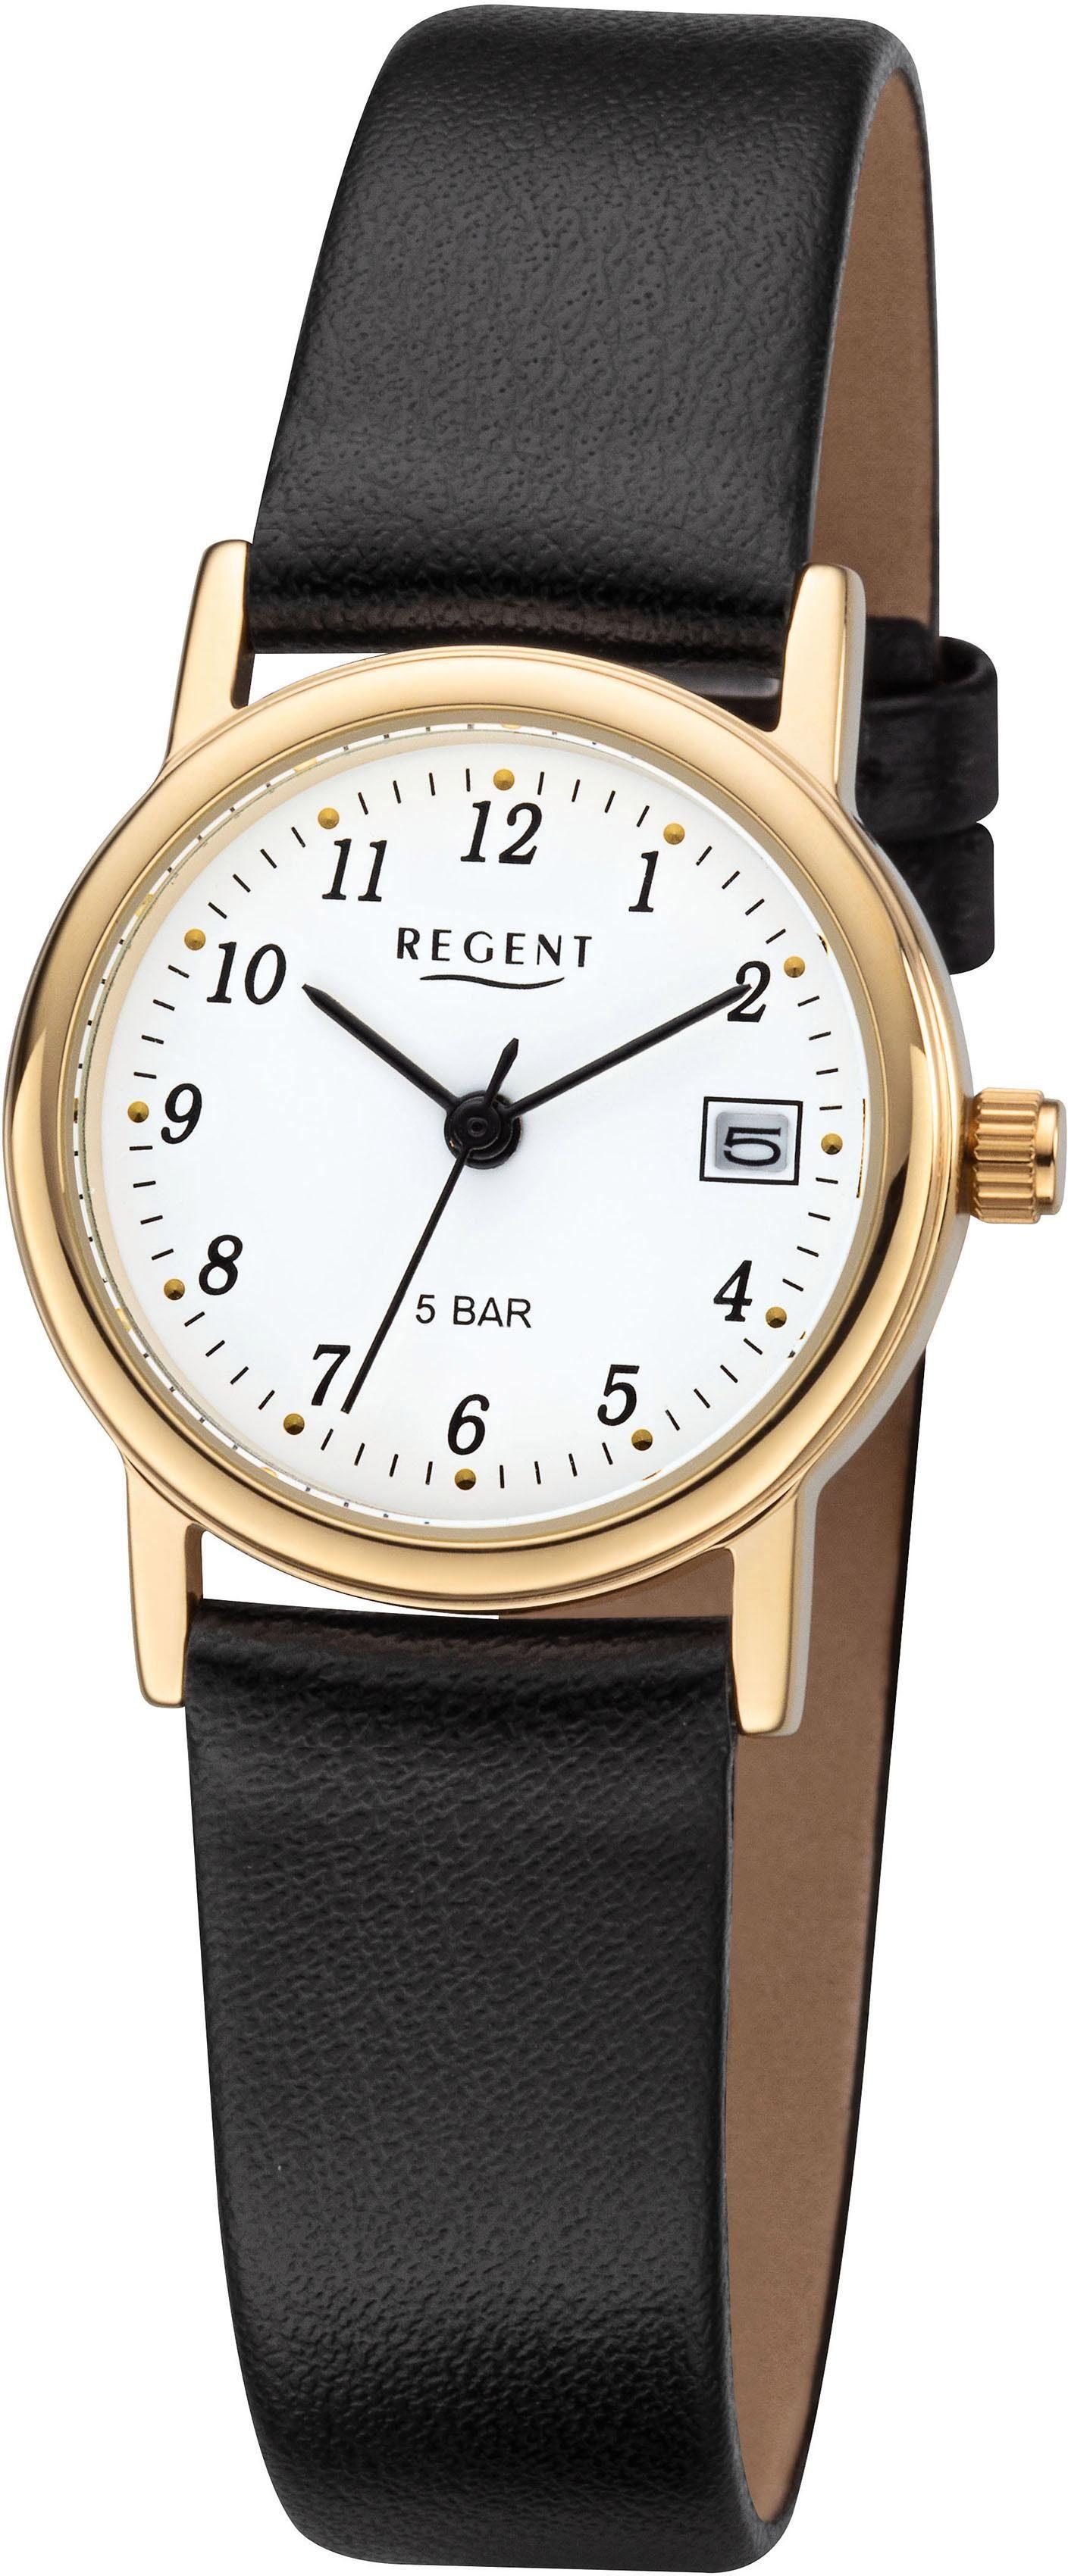 Regent Quarzuhr »7610.45.19, F829«